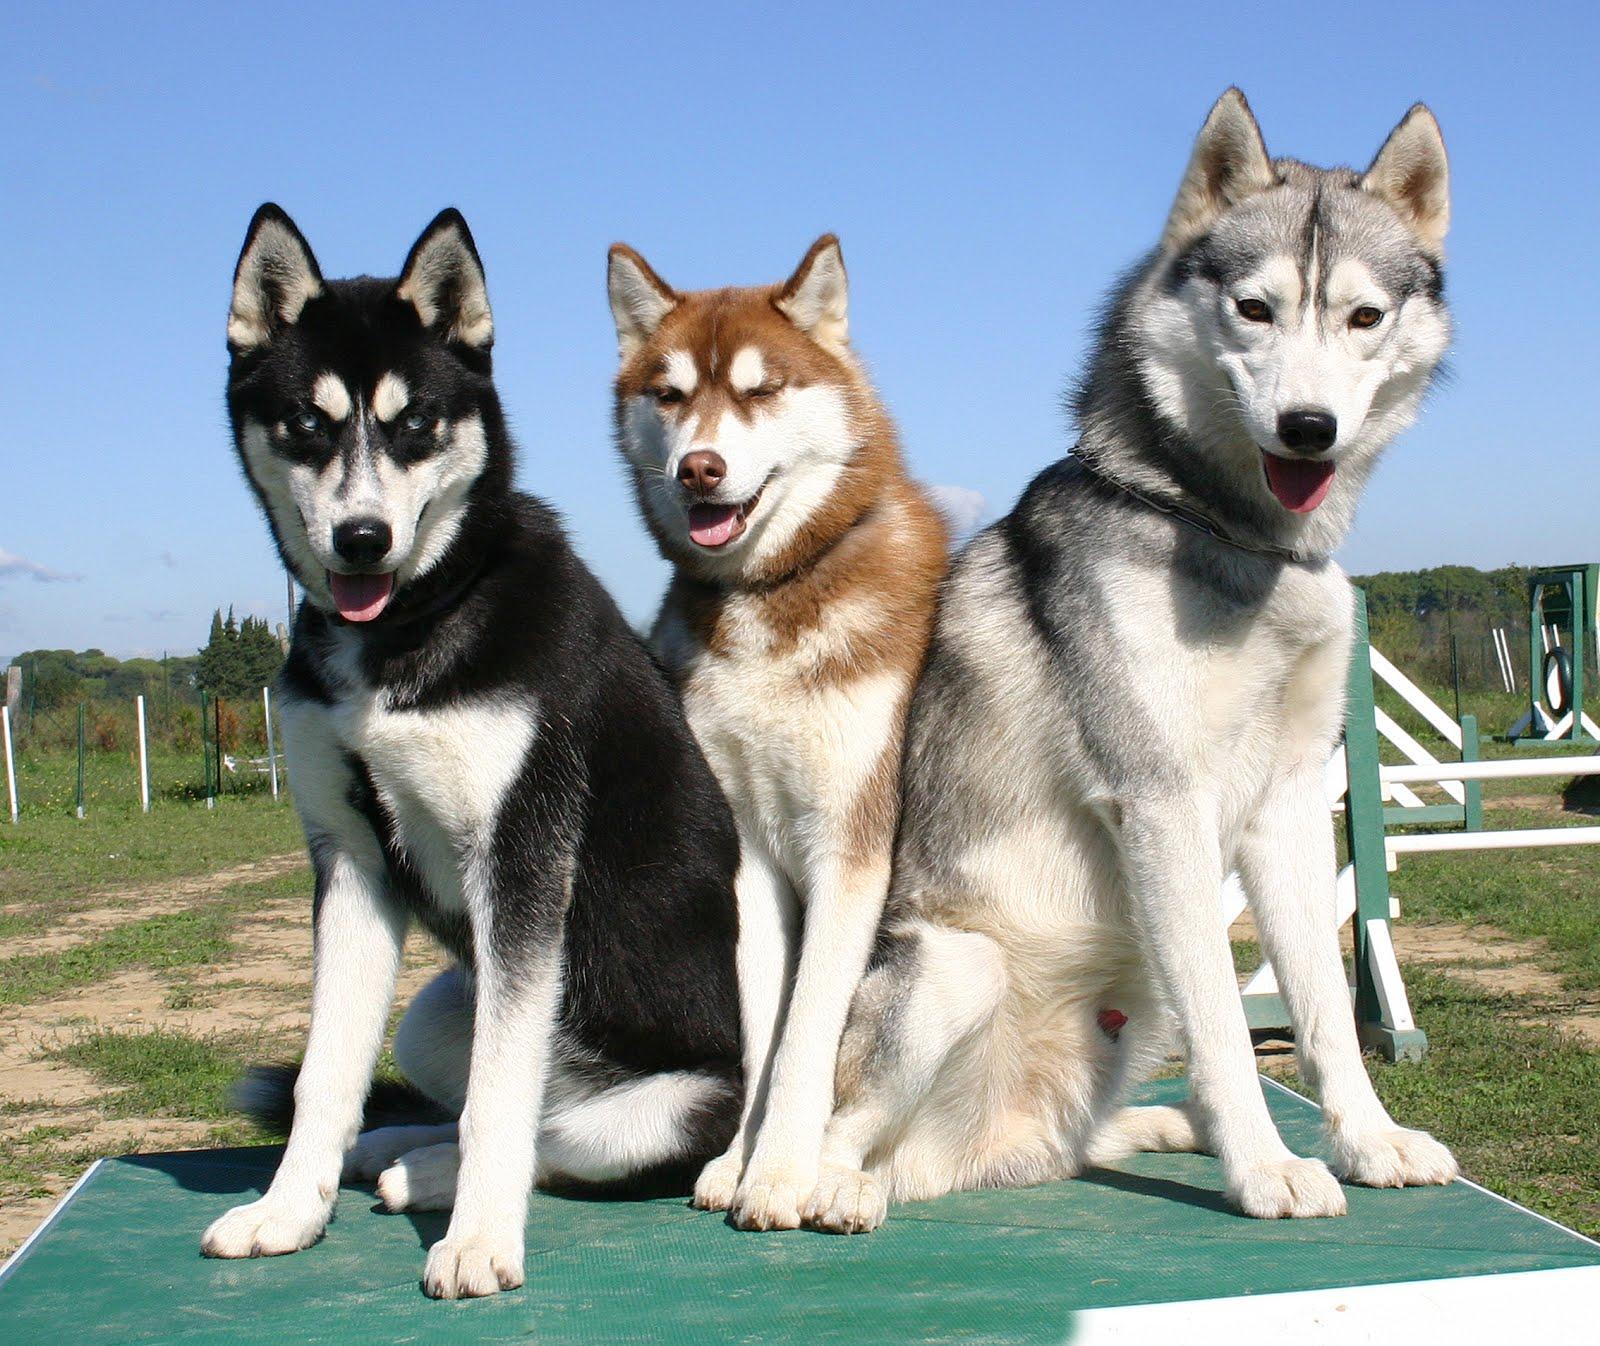 Perros de Raza Siberian Husky o Siberiano - Fotos, Videos